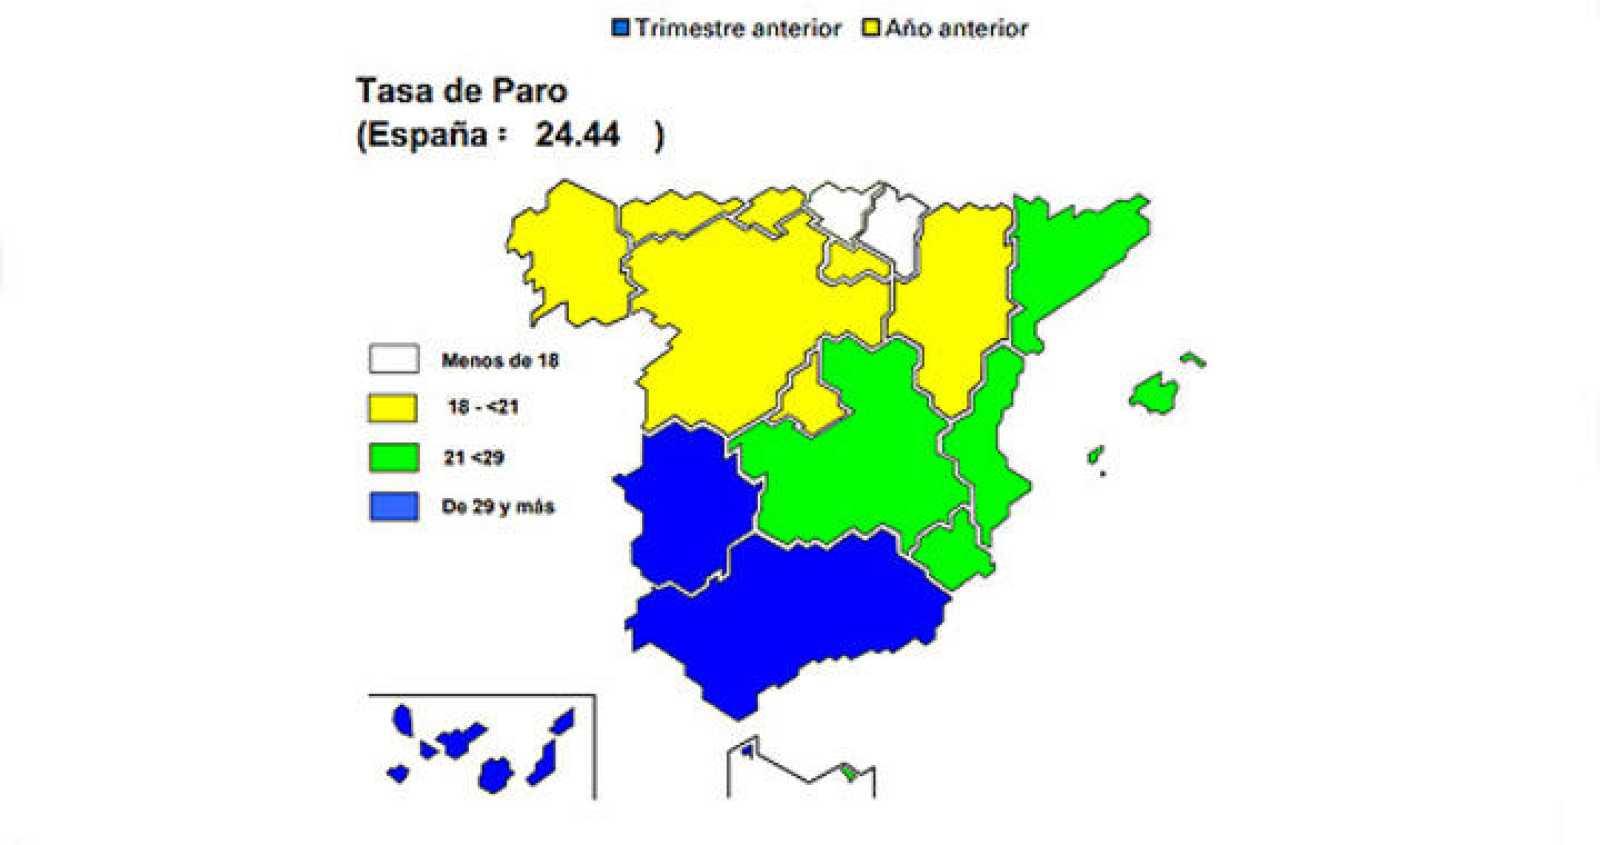 La tasa de paro más baja es la de País Vasco y la más alta, la de Andalucía